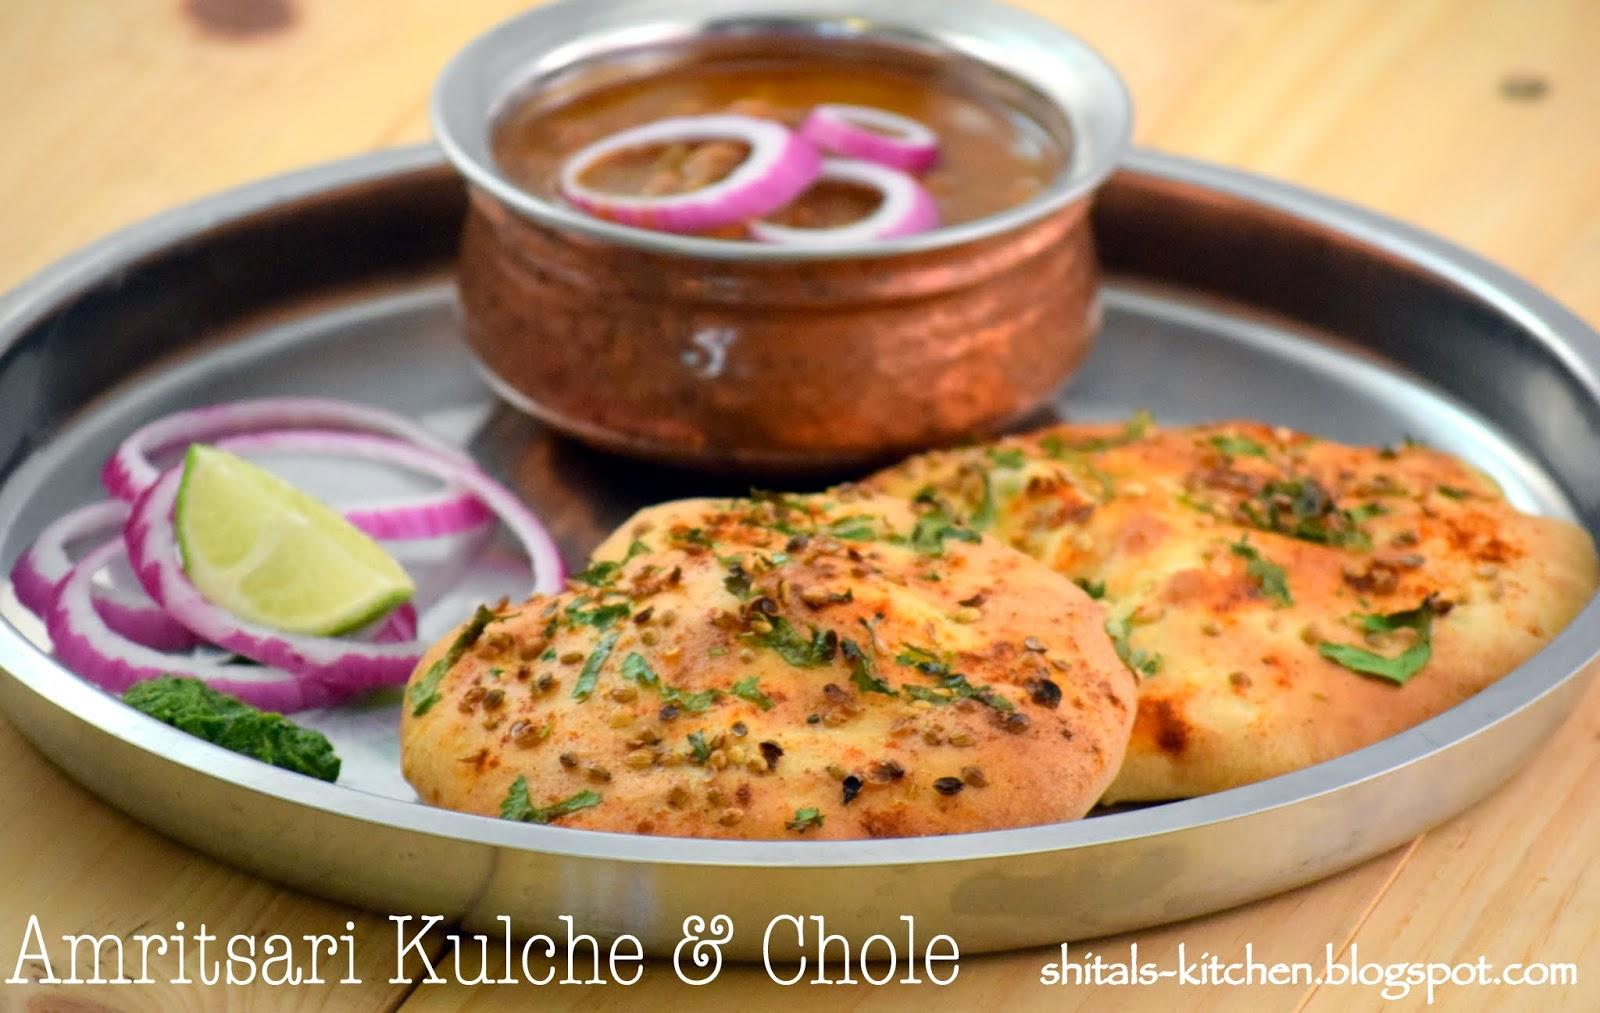 Shitals kitchen amritsari kulcha chole amritsari kulcha chole forumfinder Choice Image